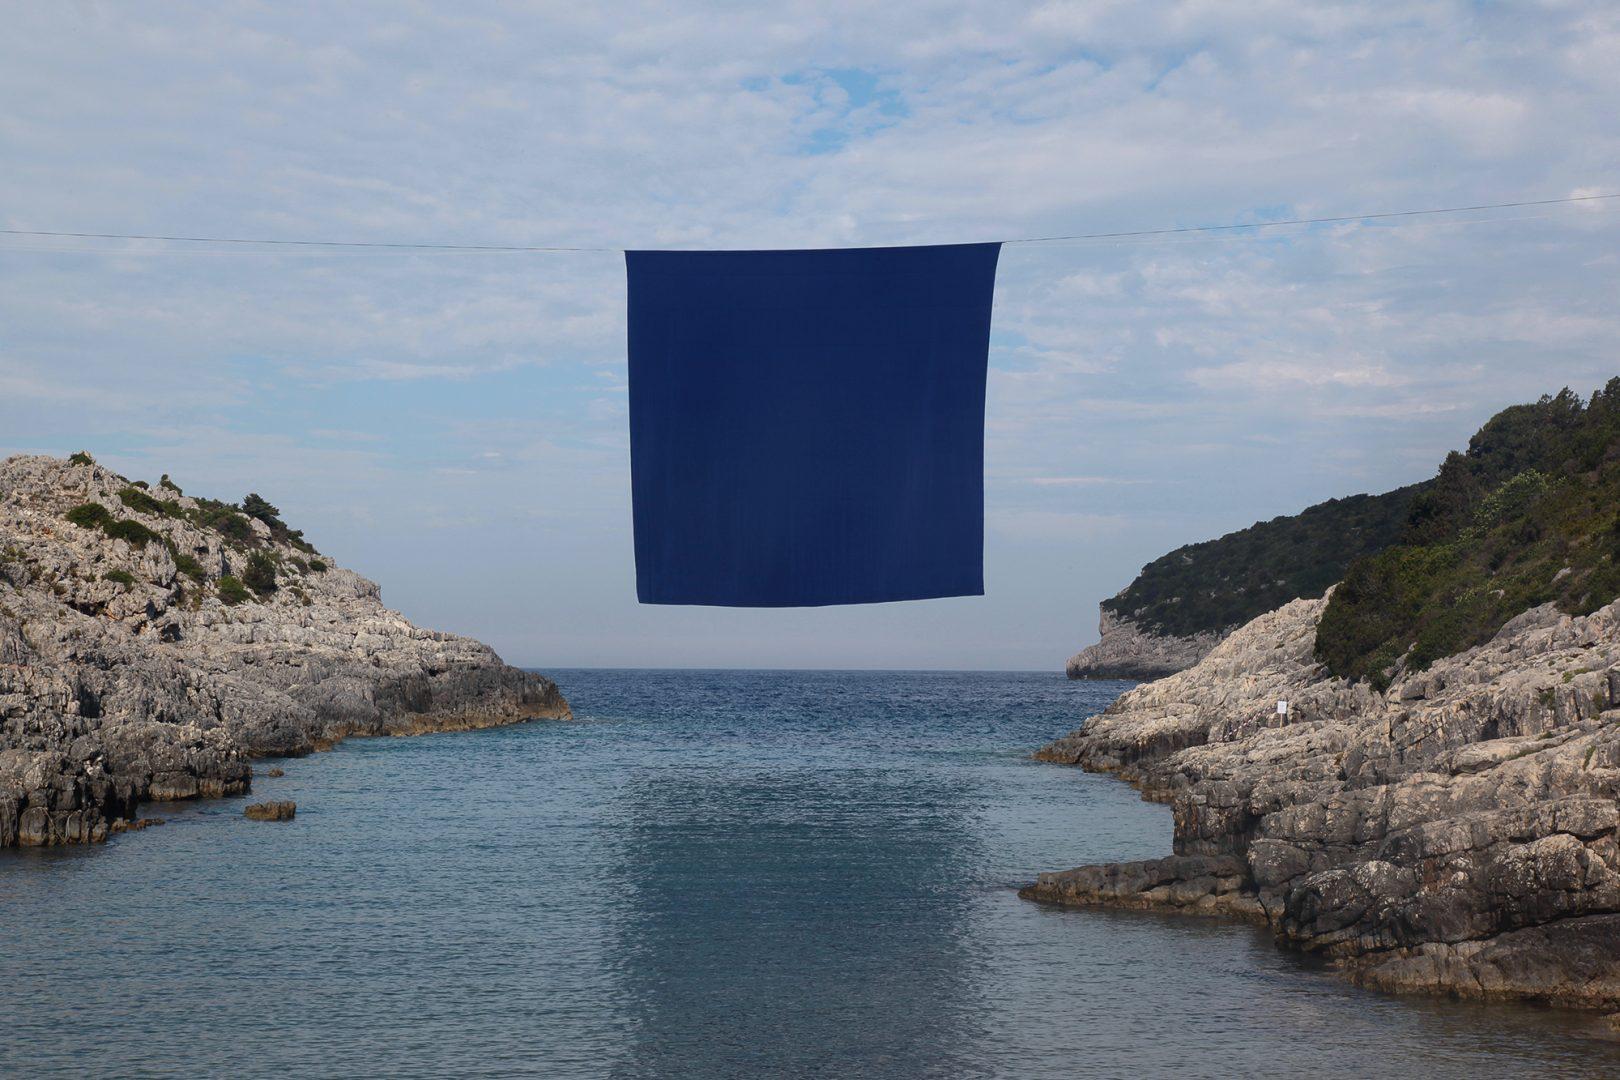 Interface, un'installazione tra cielo, terra e mare